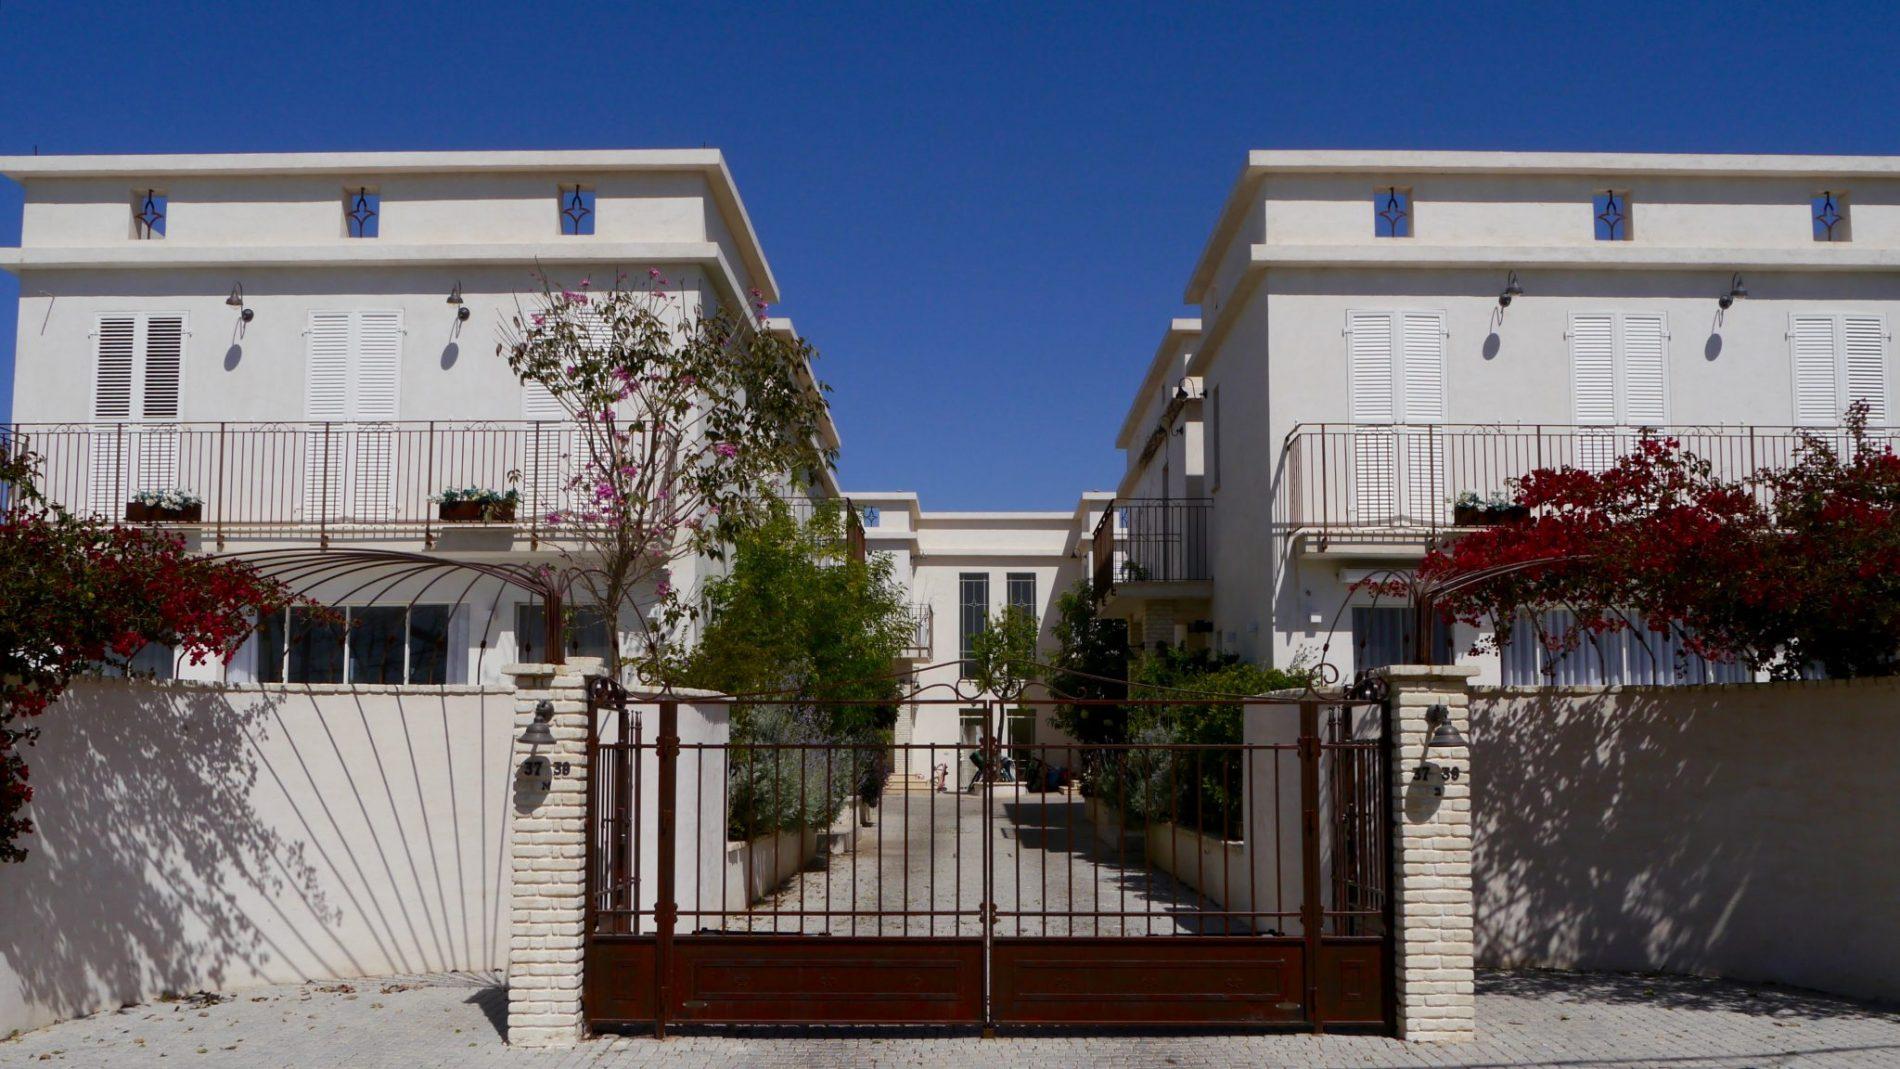 פרוייקט שאטו בכפר - קומפלקס של 4 בתים בקדימה- מבט מהרחוב